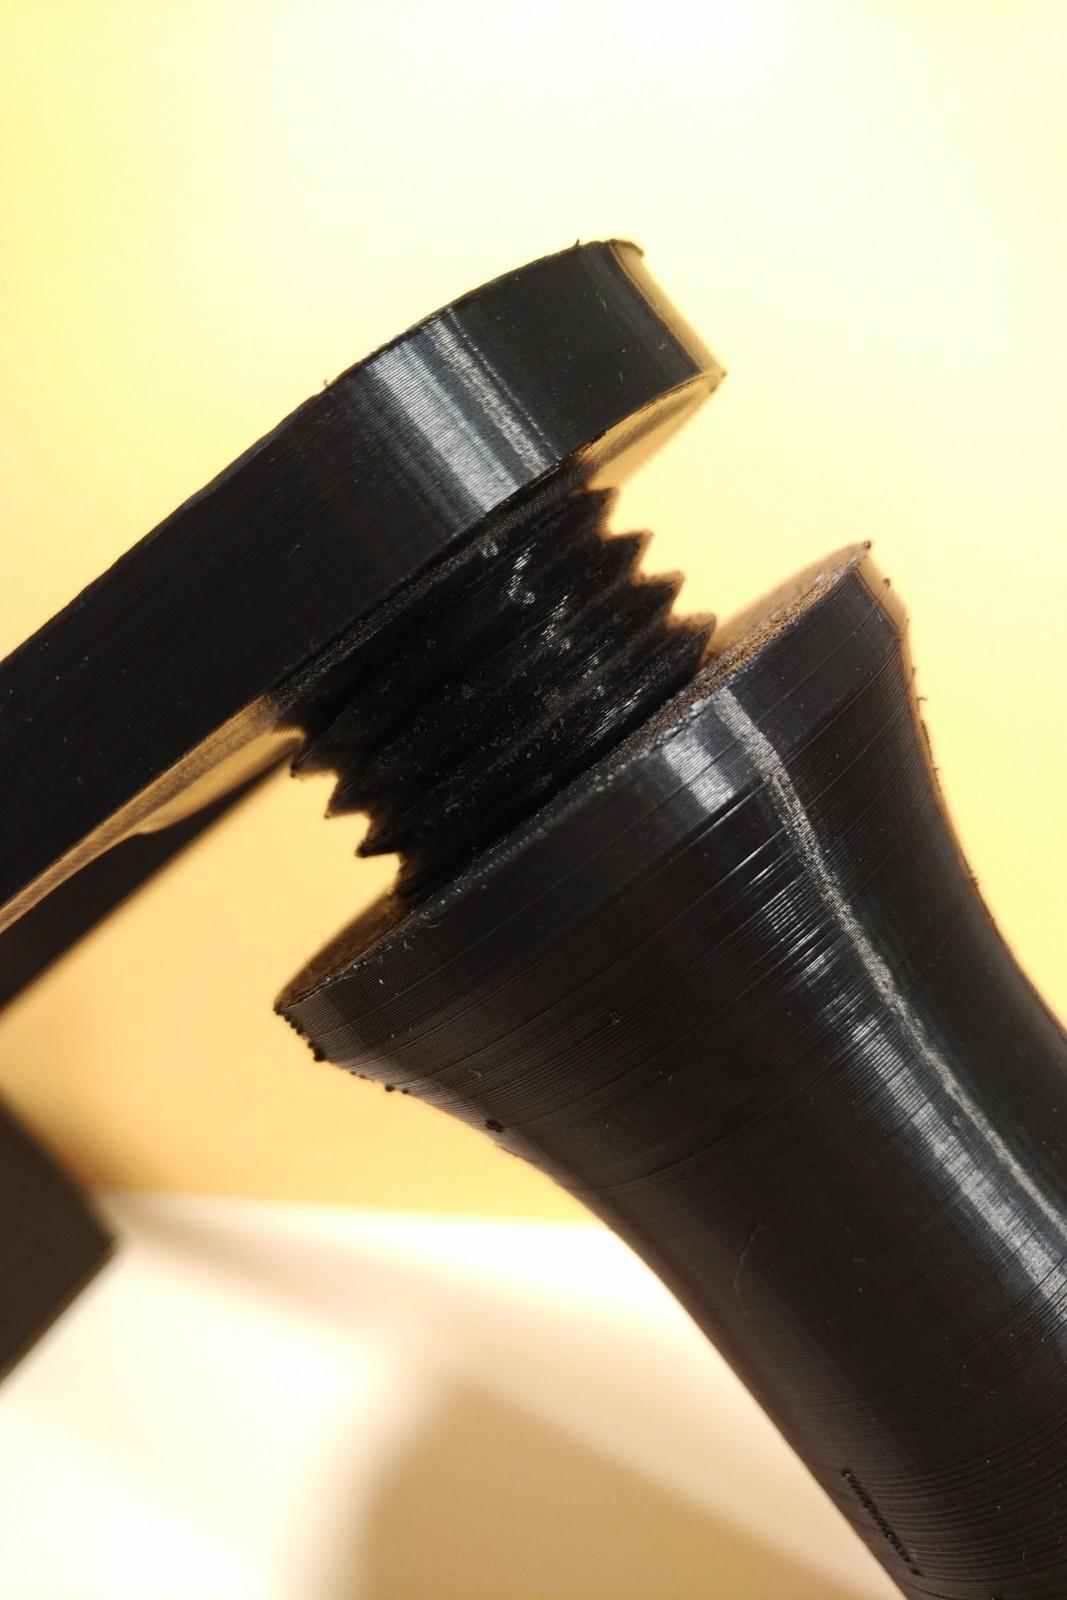 JG-spholder-thread.jpg Download free STL file JGAurora spoolholder v2 (updated) • 3D printer design, TimBauer-TB3Dprint